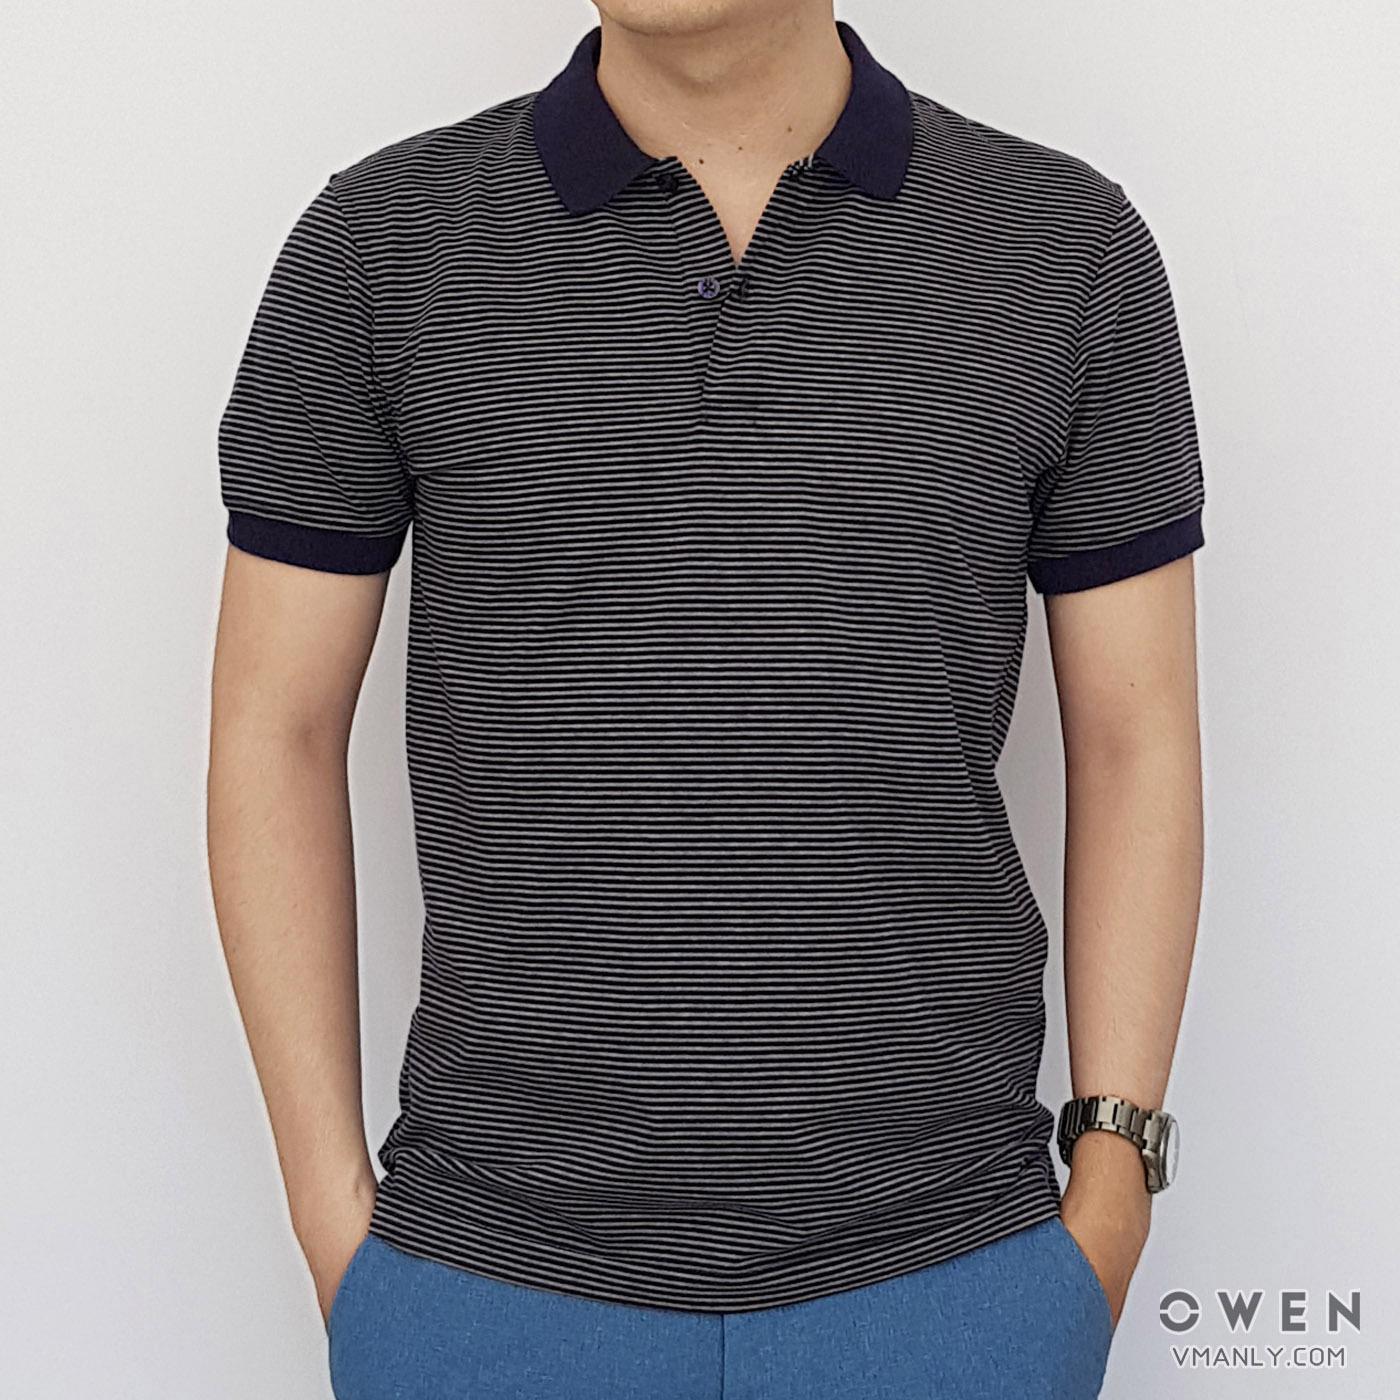 Áo polo nam Owen cổ bẻ sọc xanh trắng PAV80898